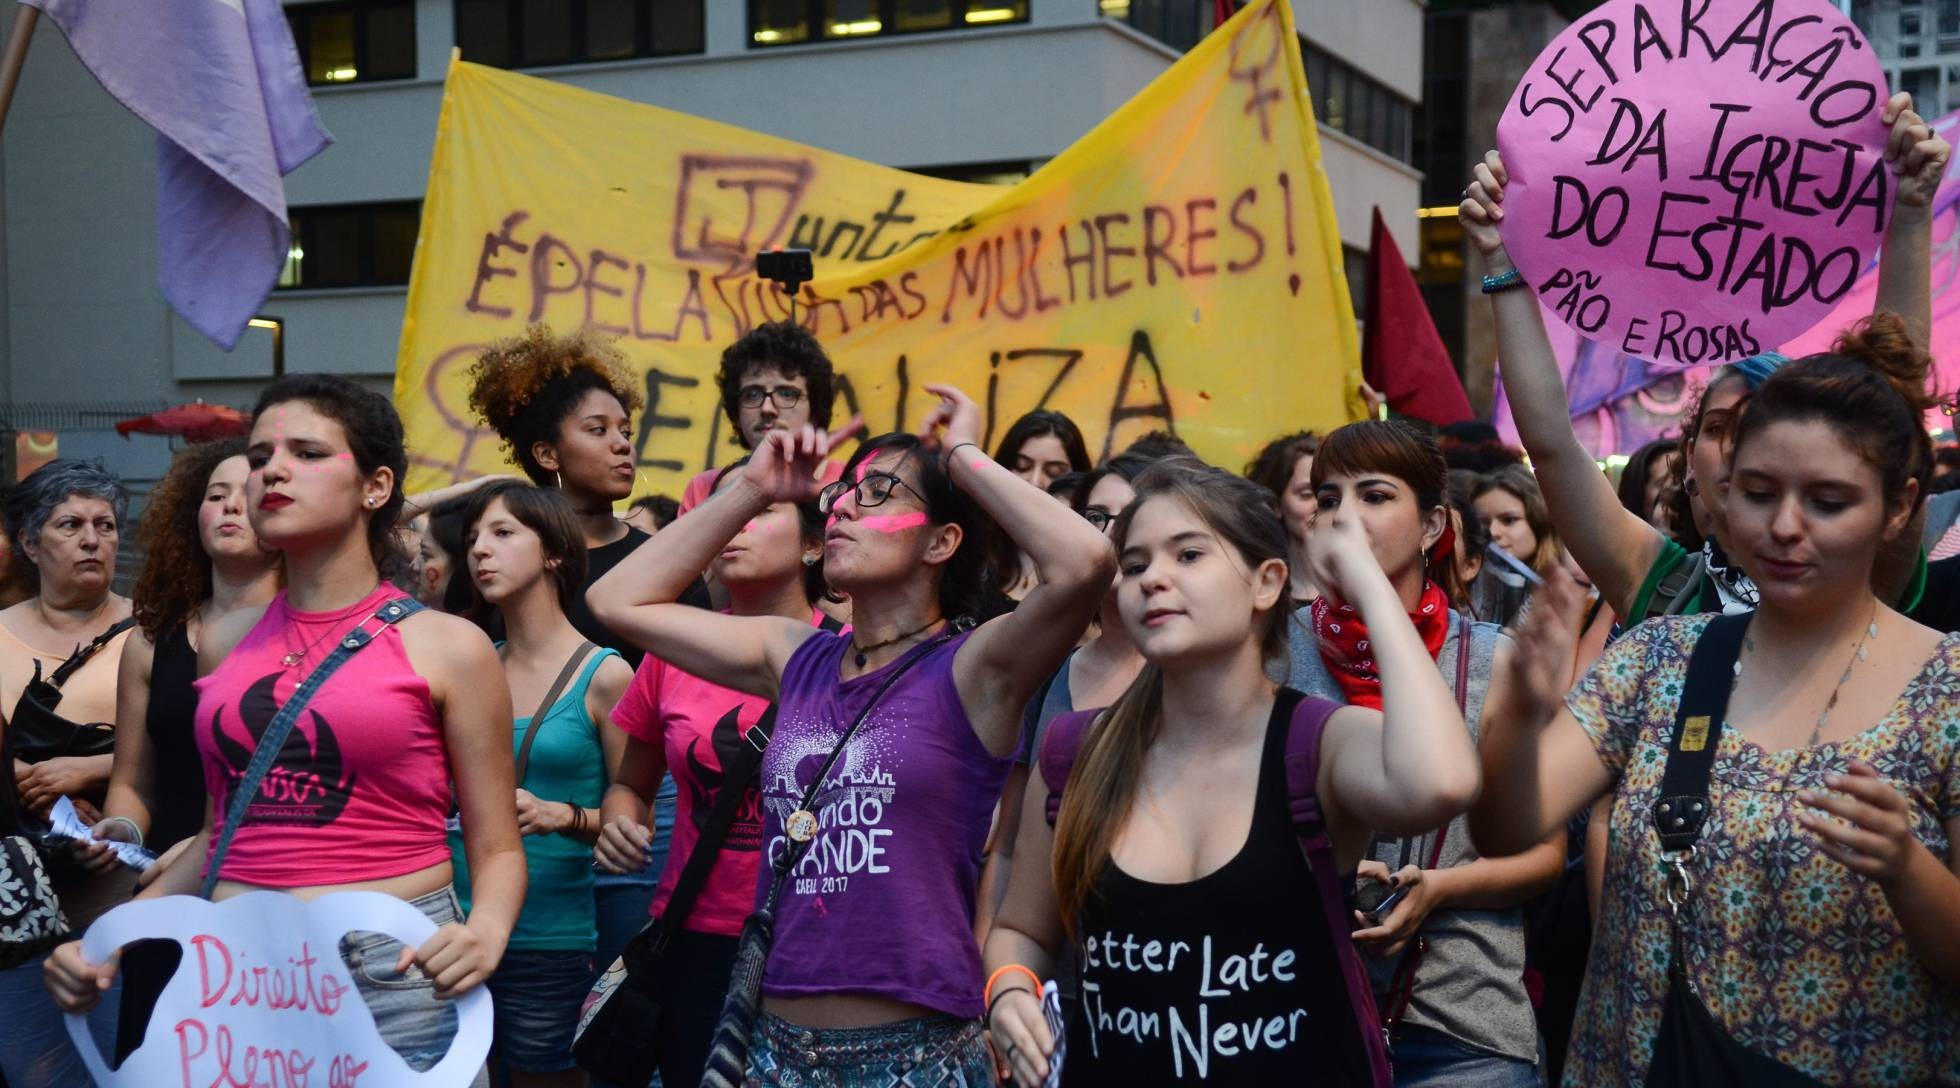 Manifestação liderada por mulheres em 2016 (Foto: Rovena Rosa/ Agência Brasil)